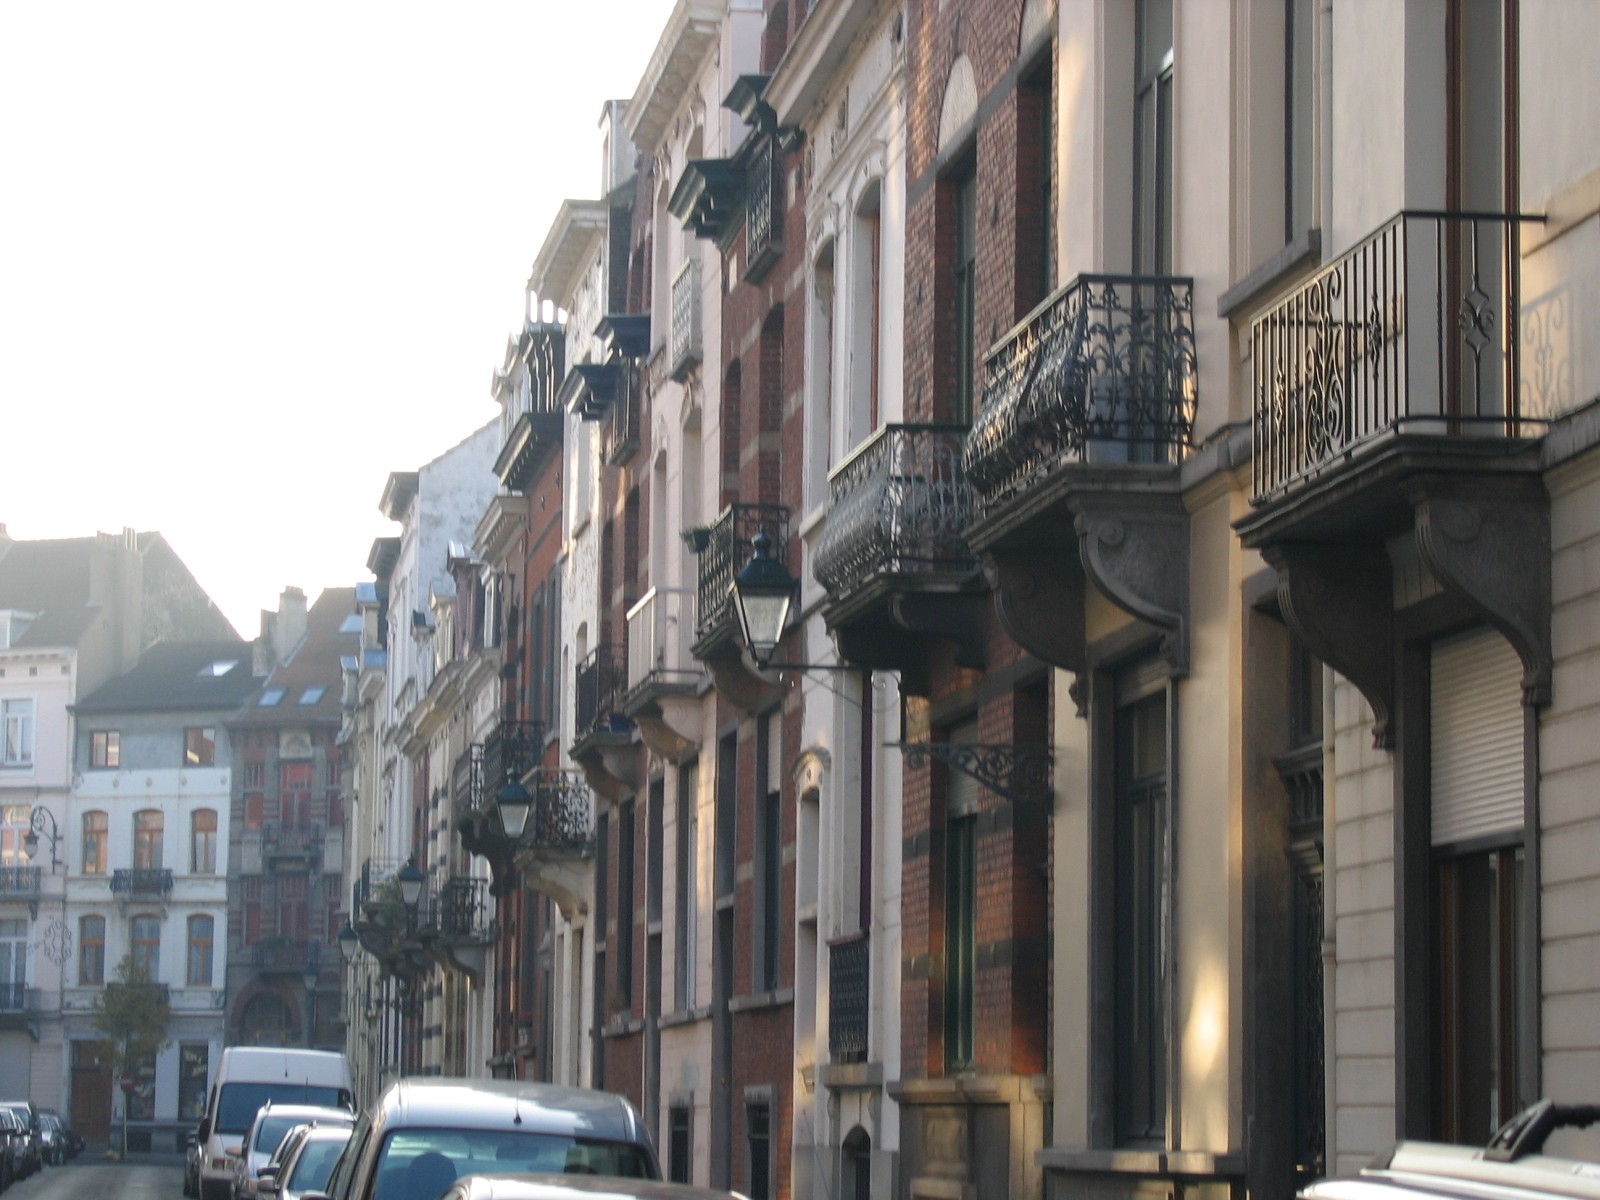 rue du nu escort portugal